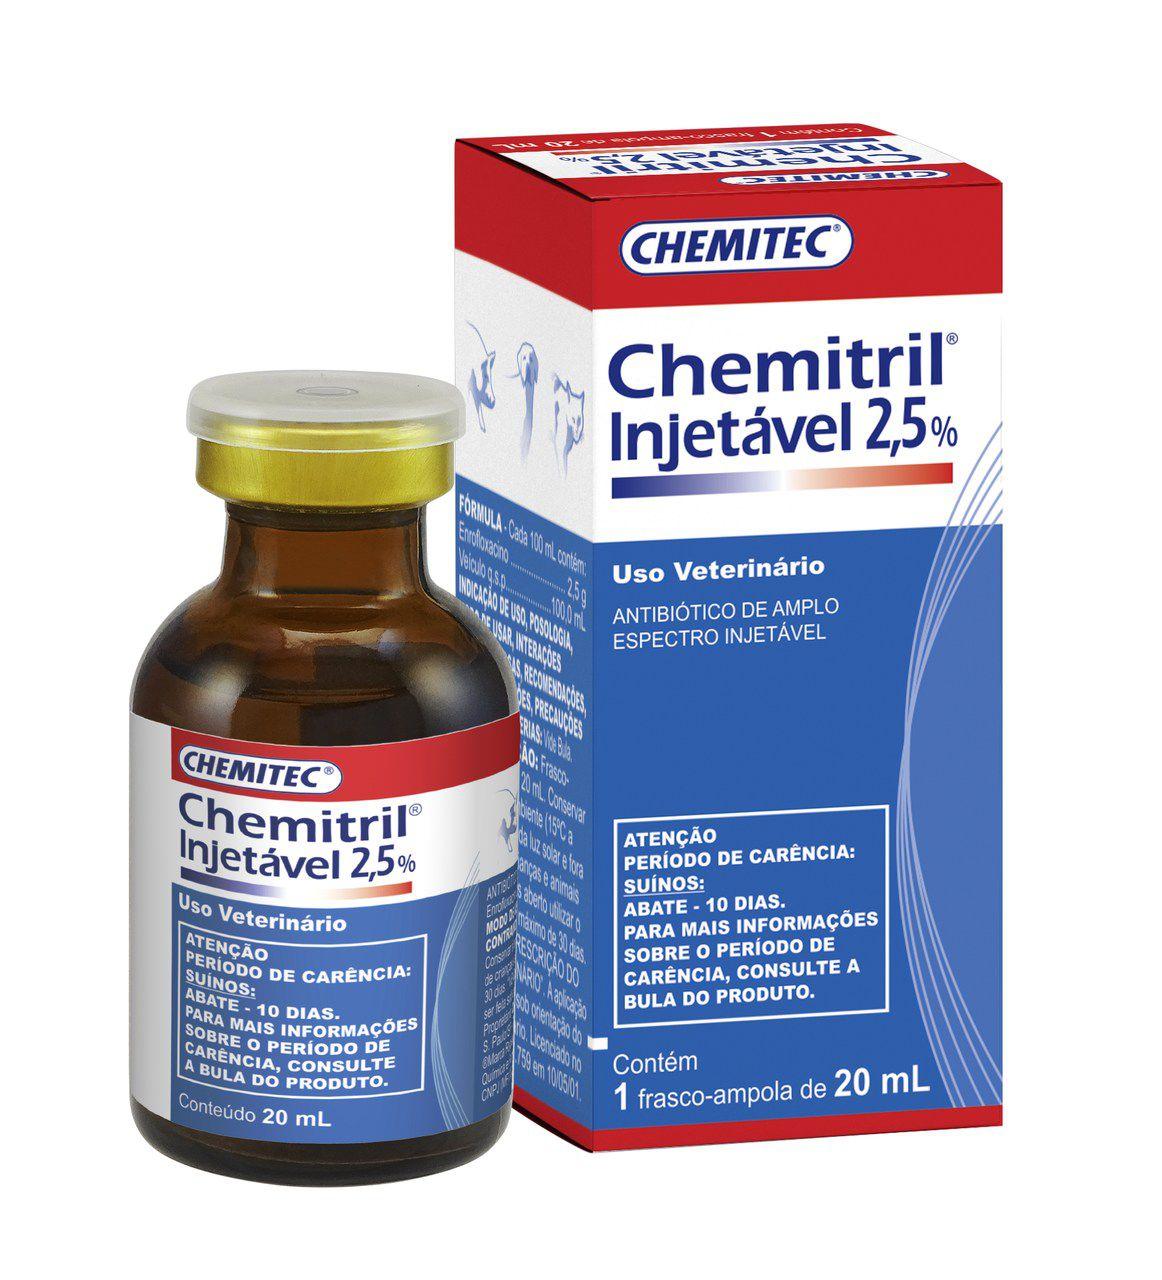 Chemitril Injetável 2,5% Chemitec 20ml